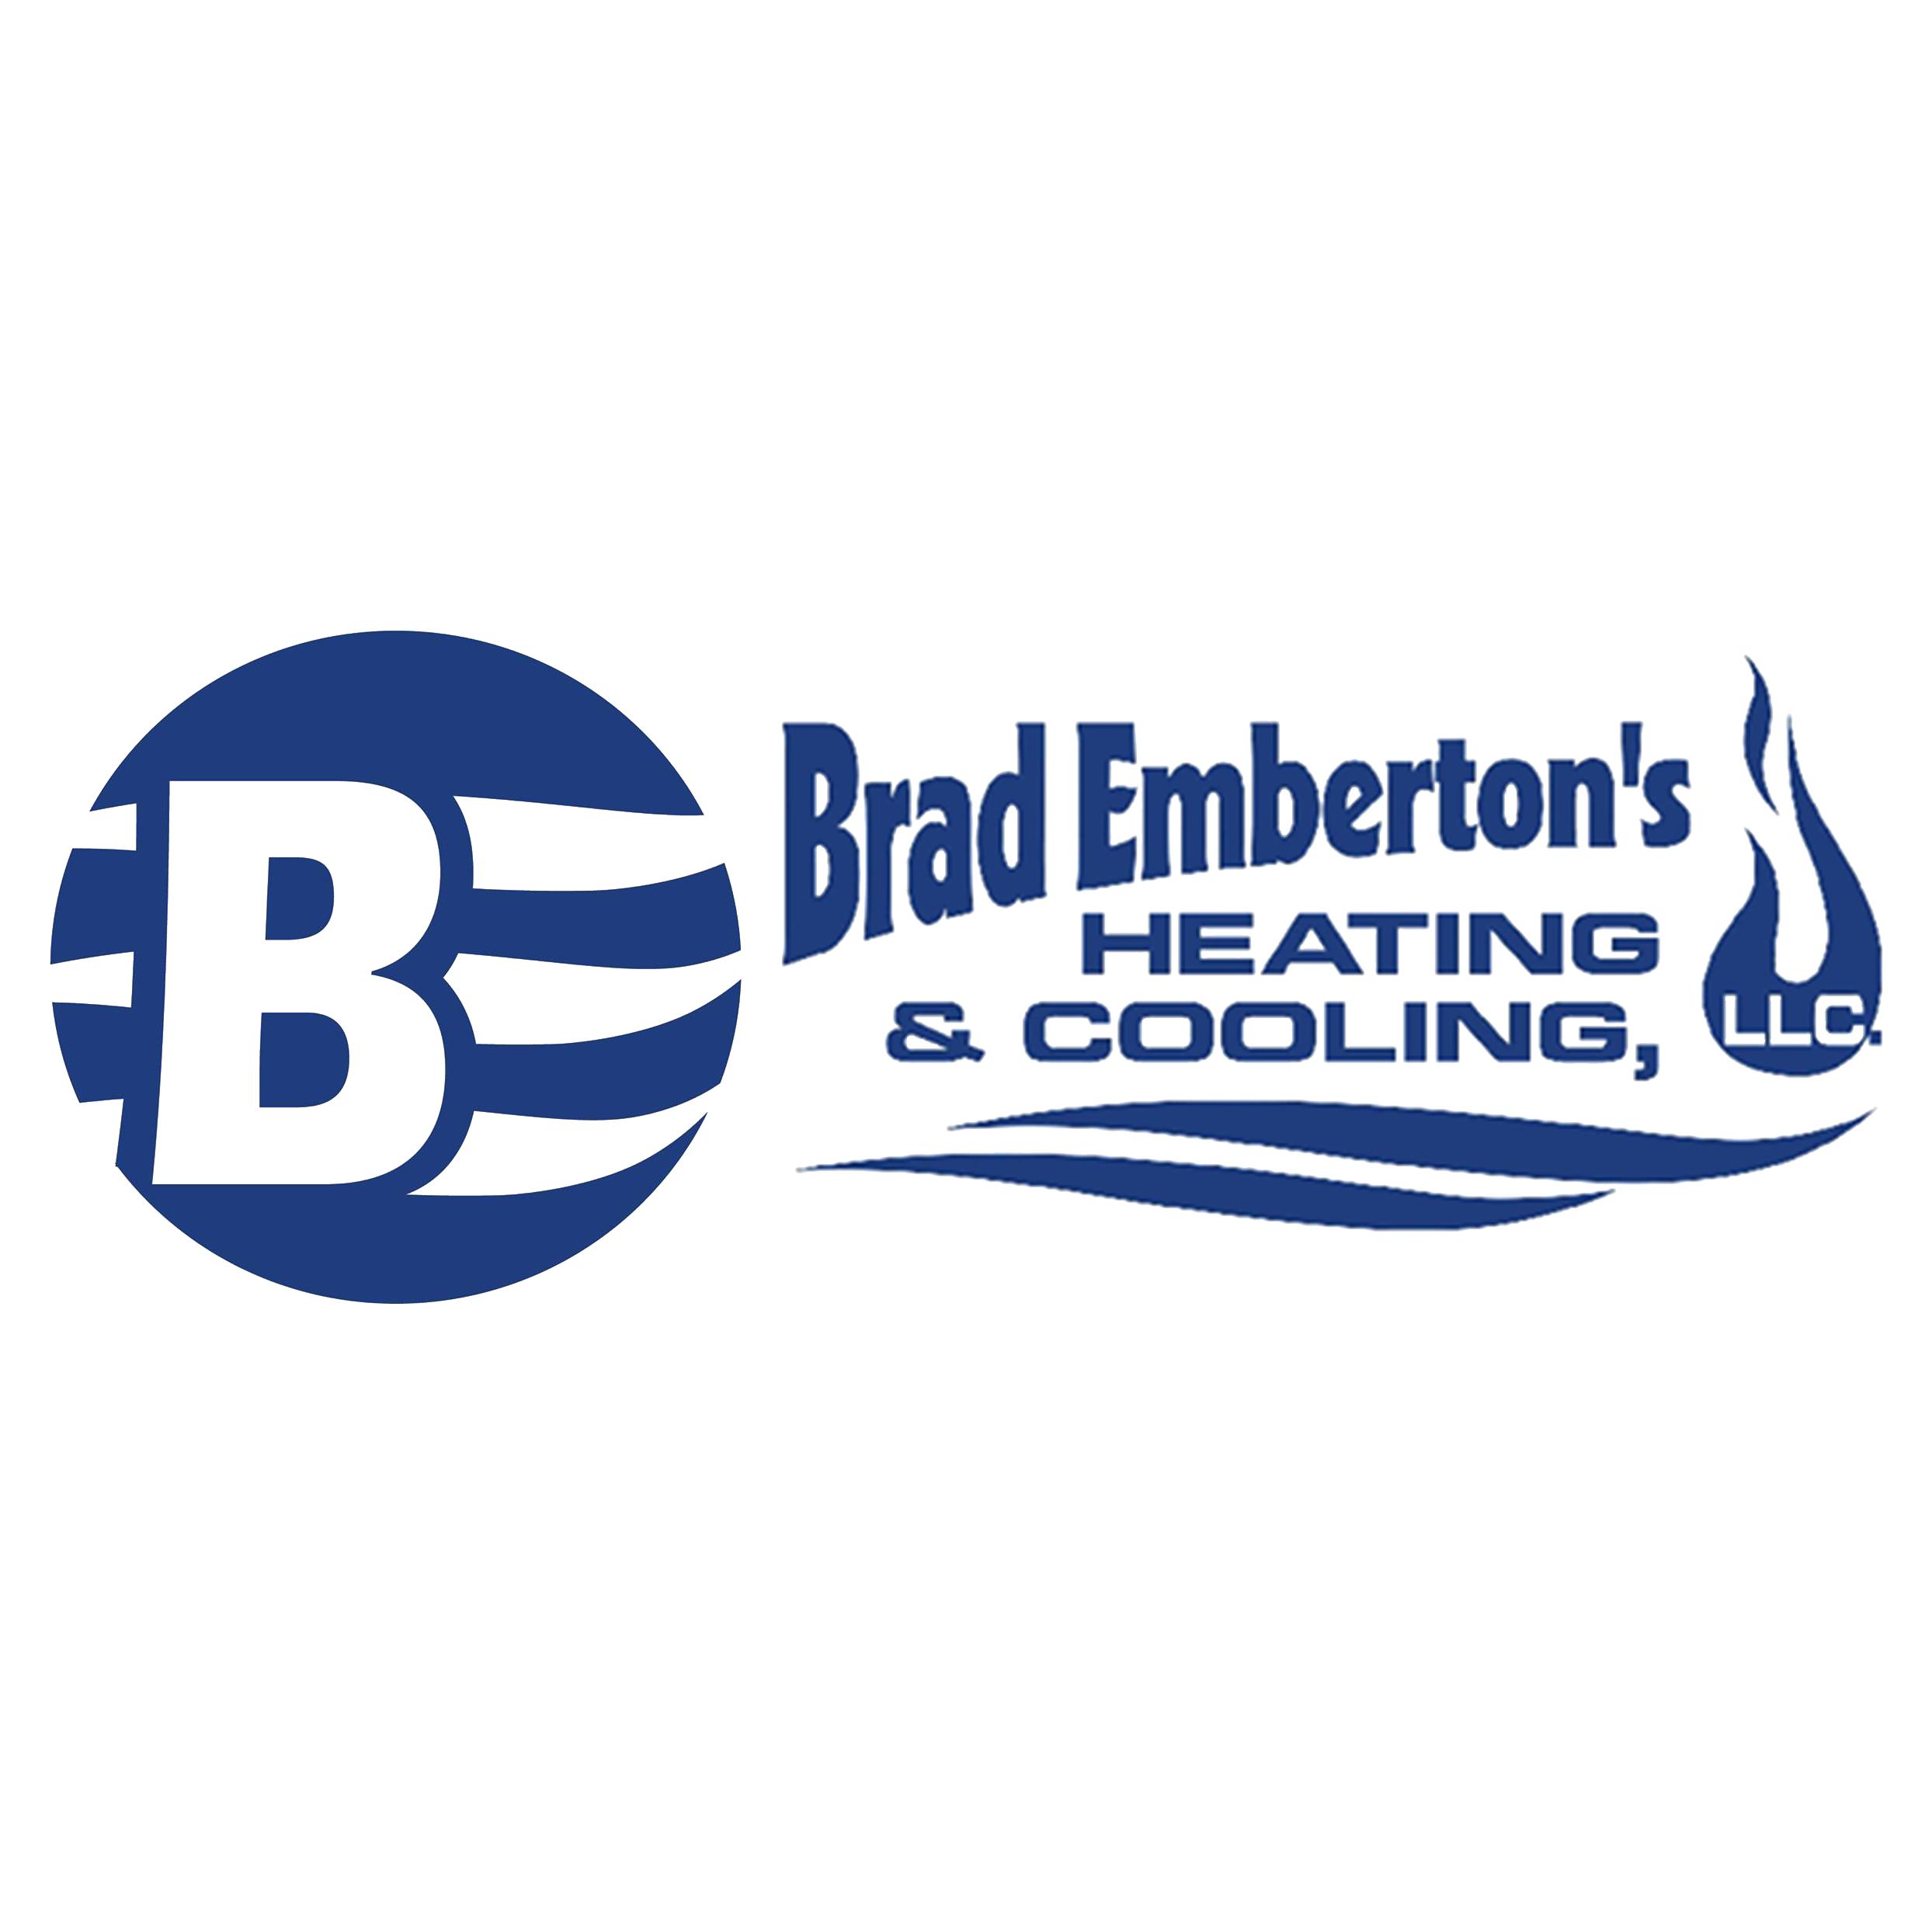 Brad Emberton's Heating & Cooling, LLC